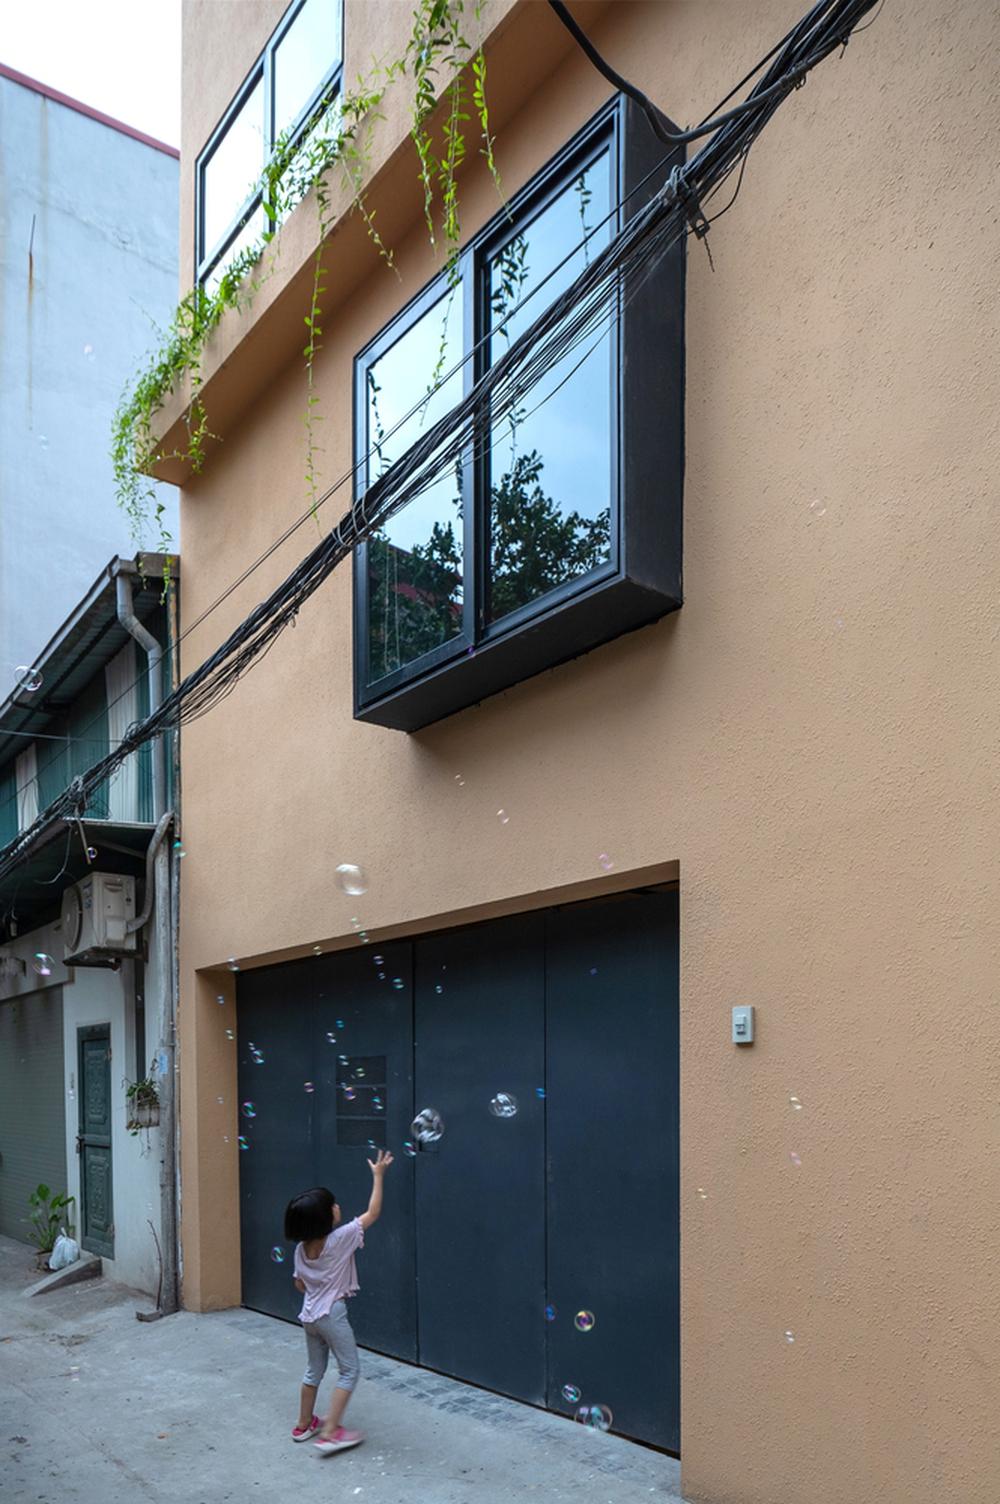 Chiêm ngưỡng ngôi nhà với thiết kế tinh giản đầy mê hoặc ở Trâu Quỳ - Ảnh 8.